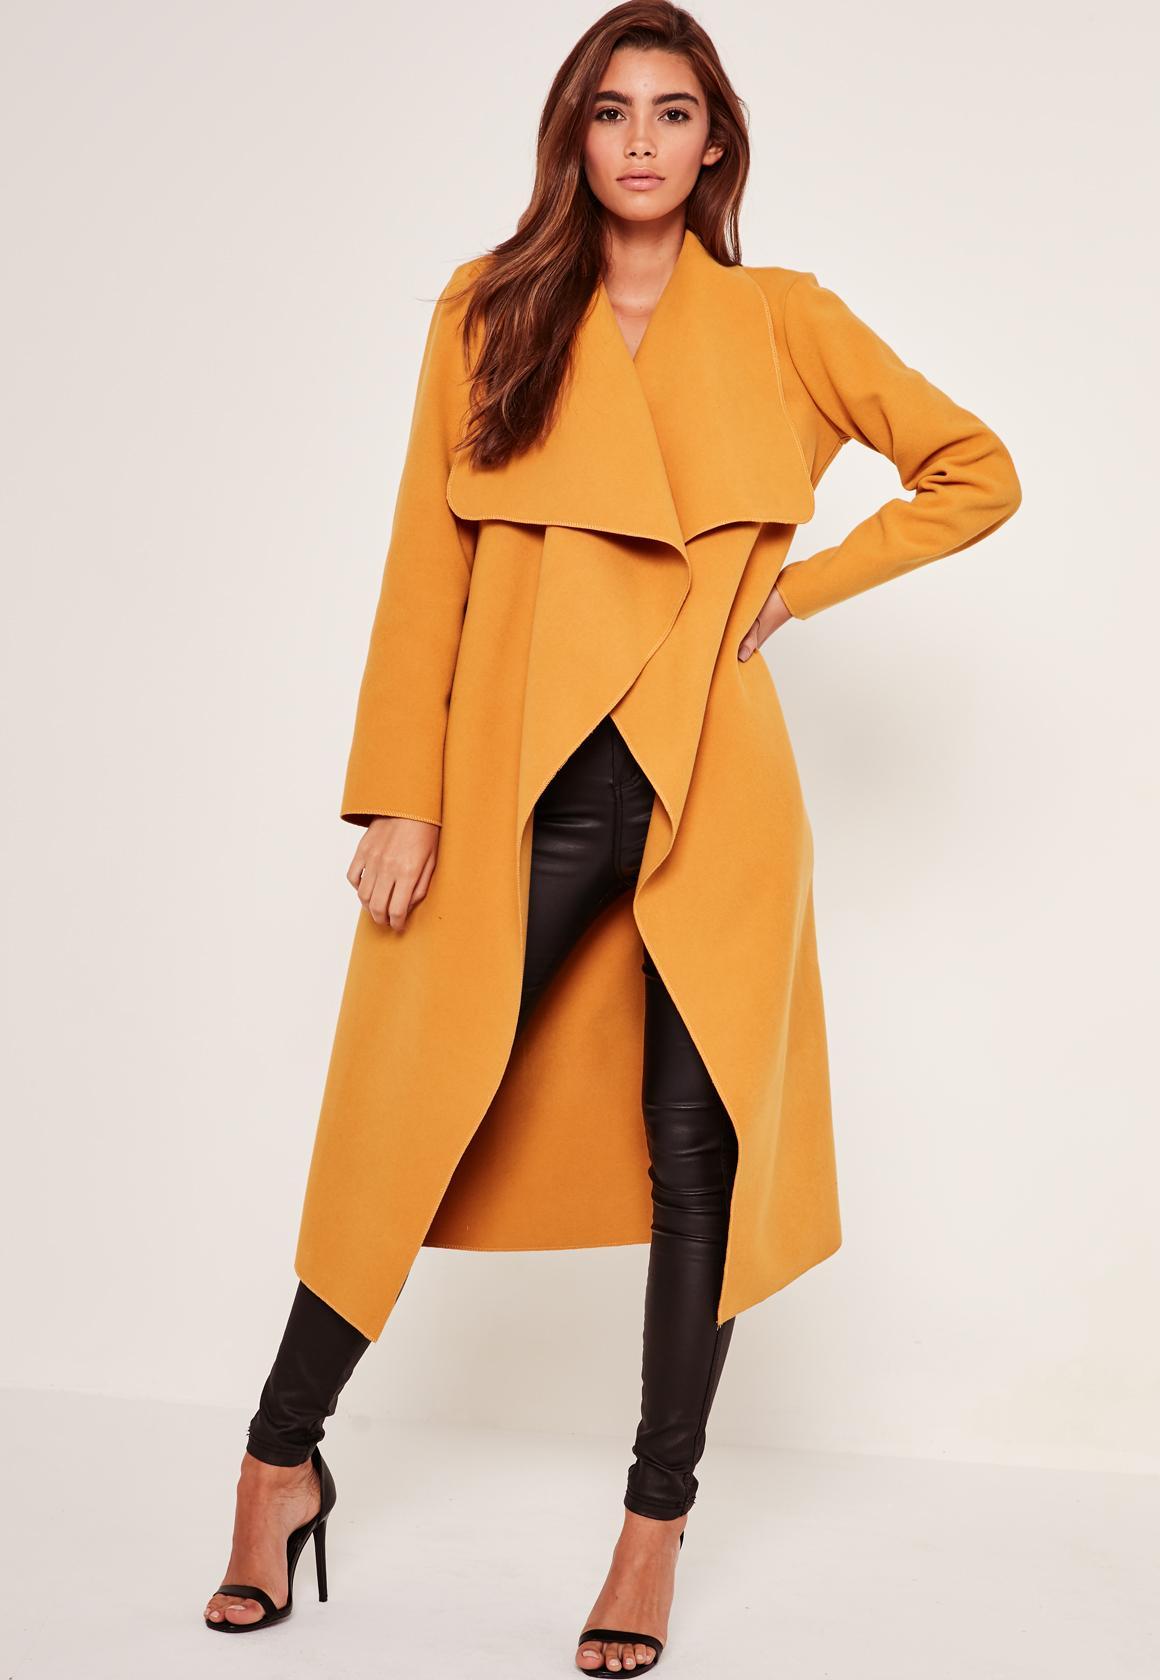 Gut bekannt Manteau en laine | Veste en laine femme - Missguided UM67